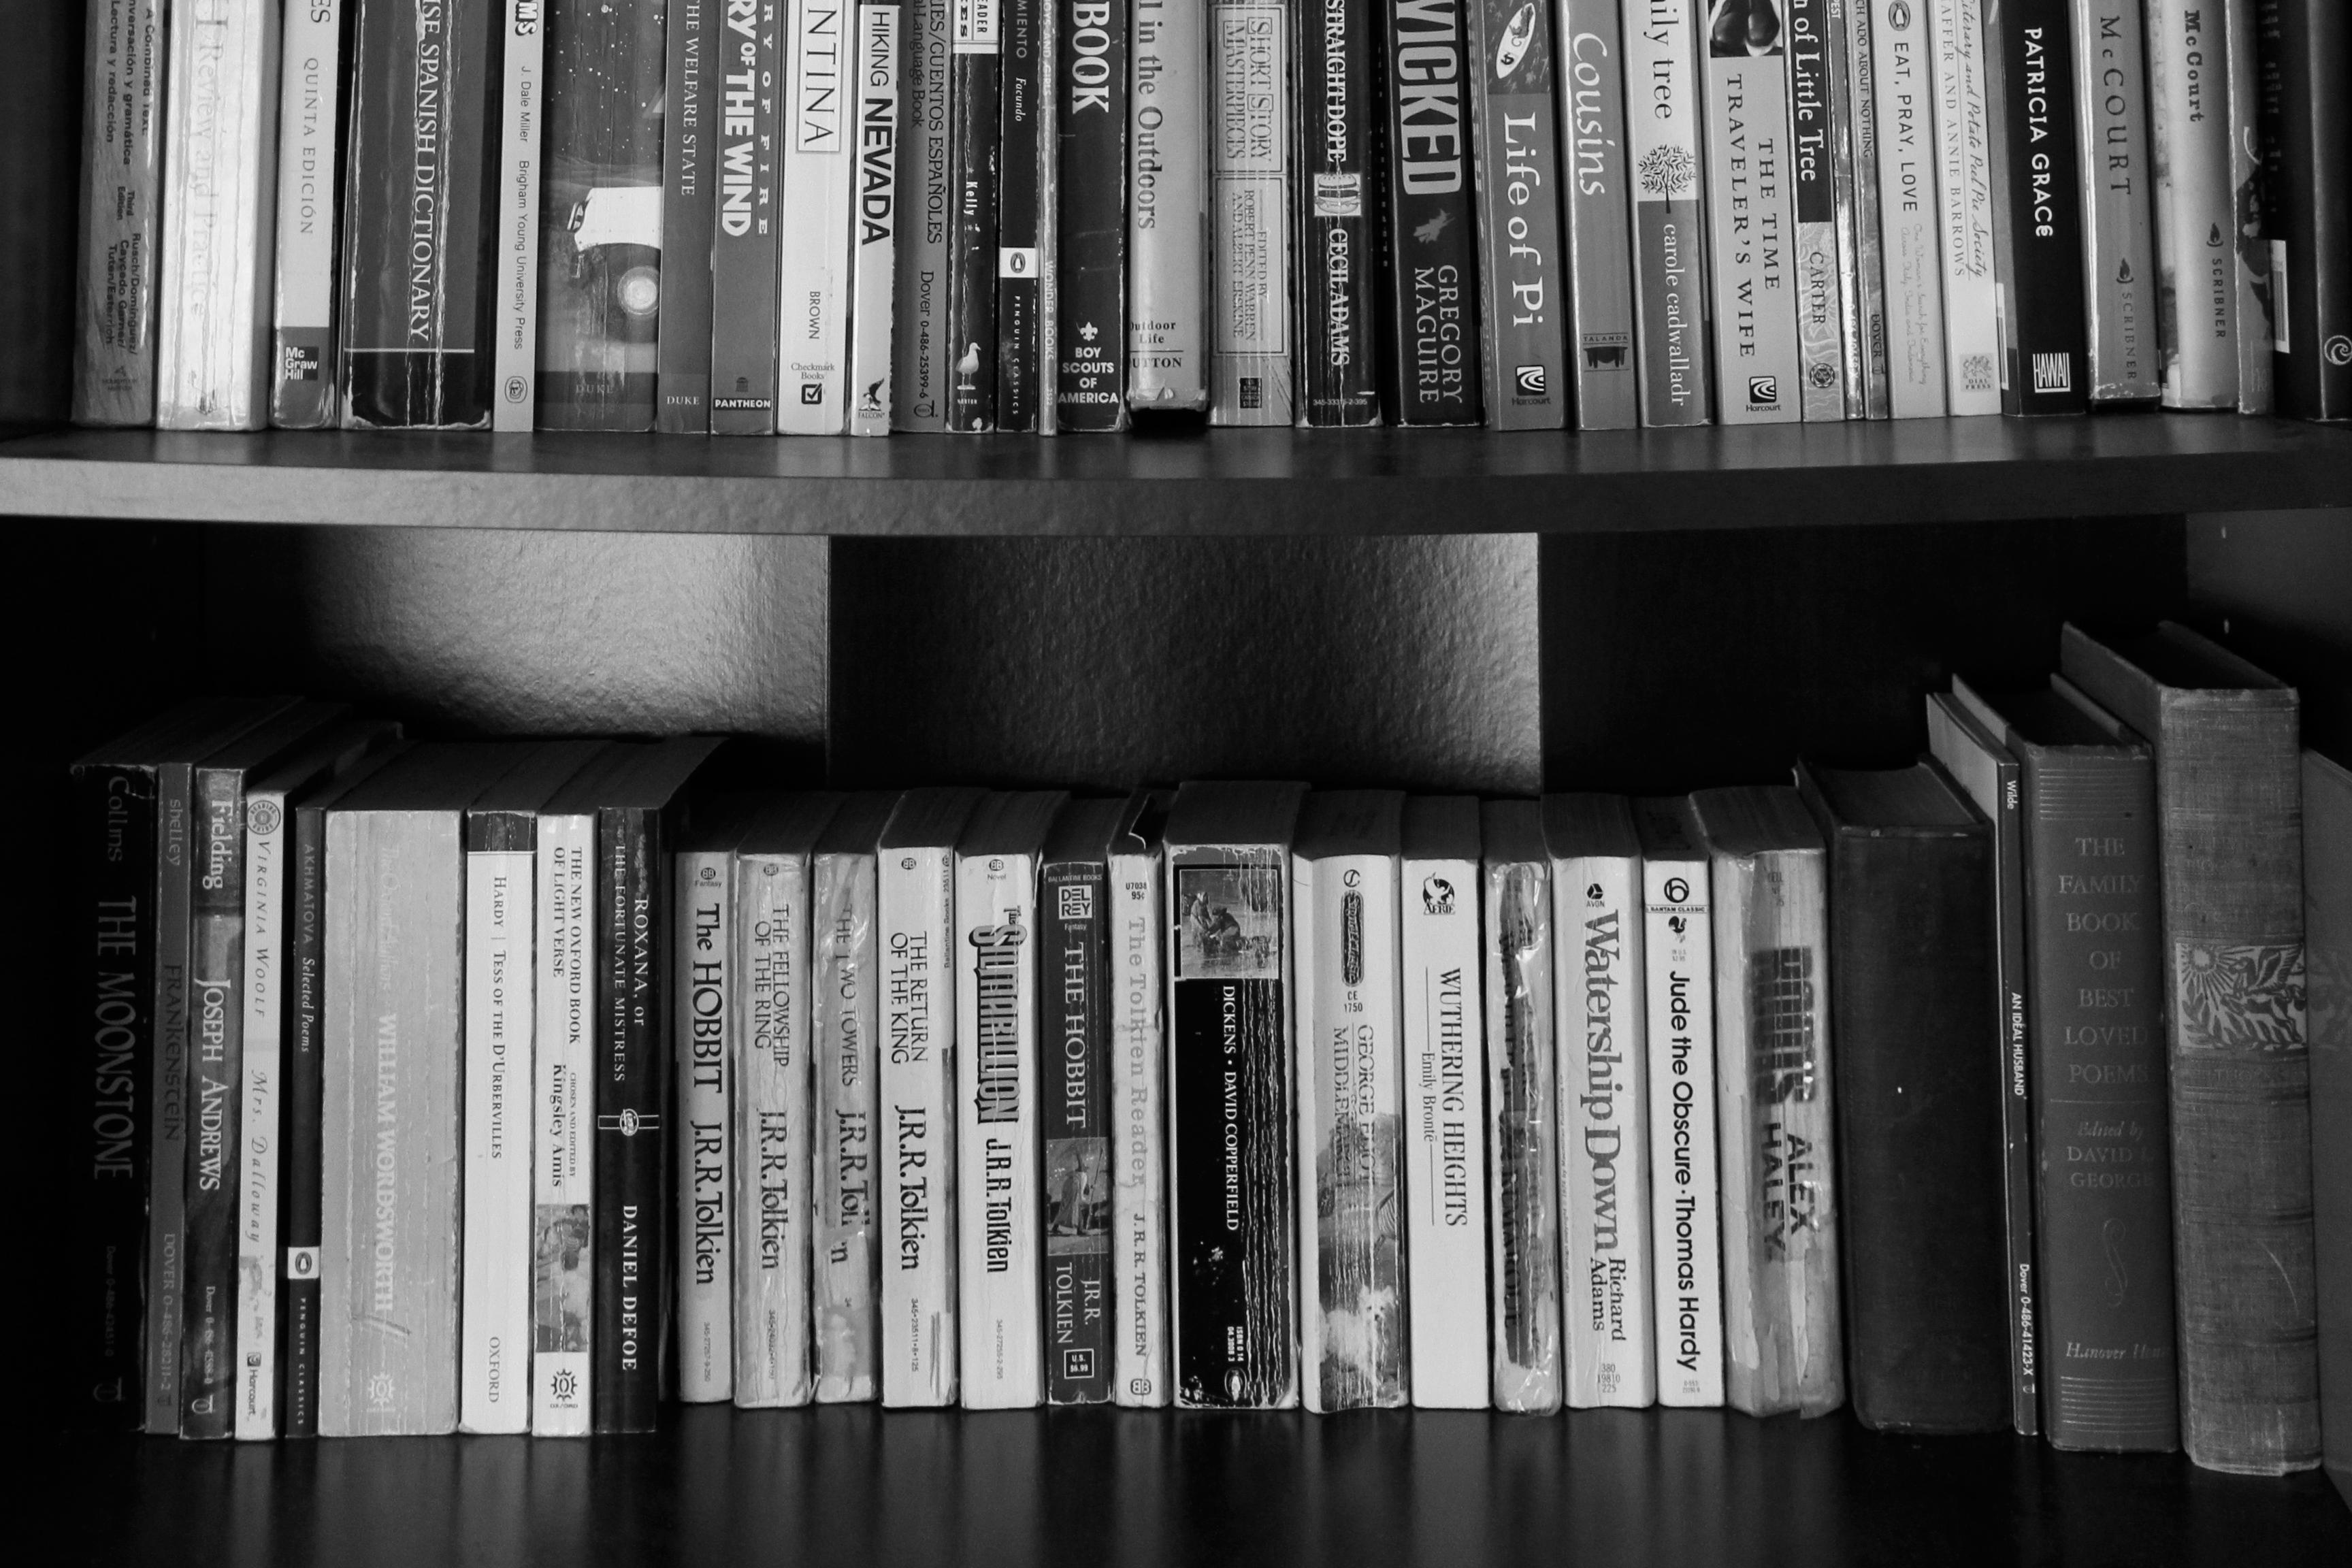 Sosyal Medyada Geçirdiğiniz Sürede Yılda 200 Kitap ...